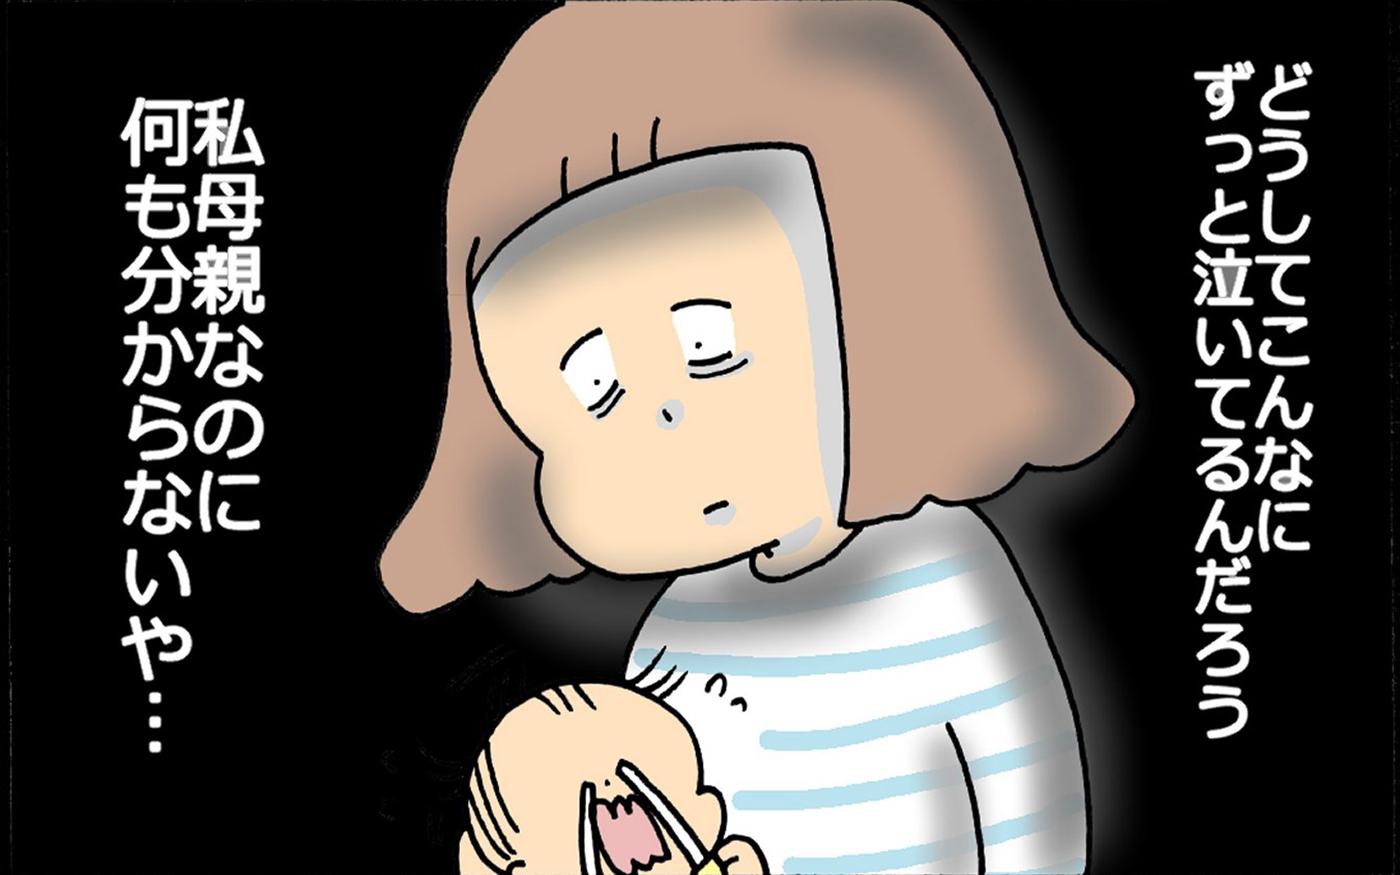 息子はよく泣く赤ちゃんでした…4歳になり当時を振り返ってみると?